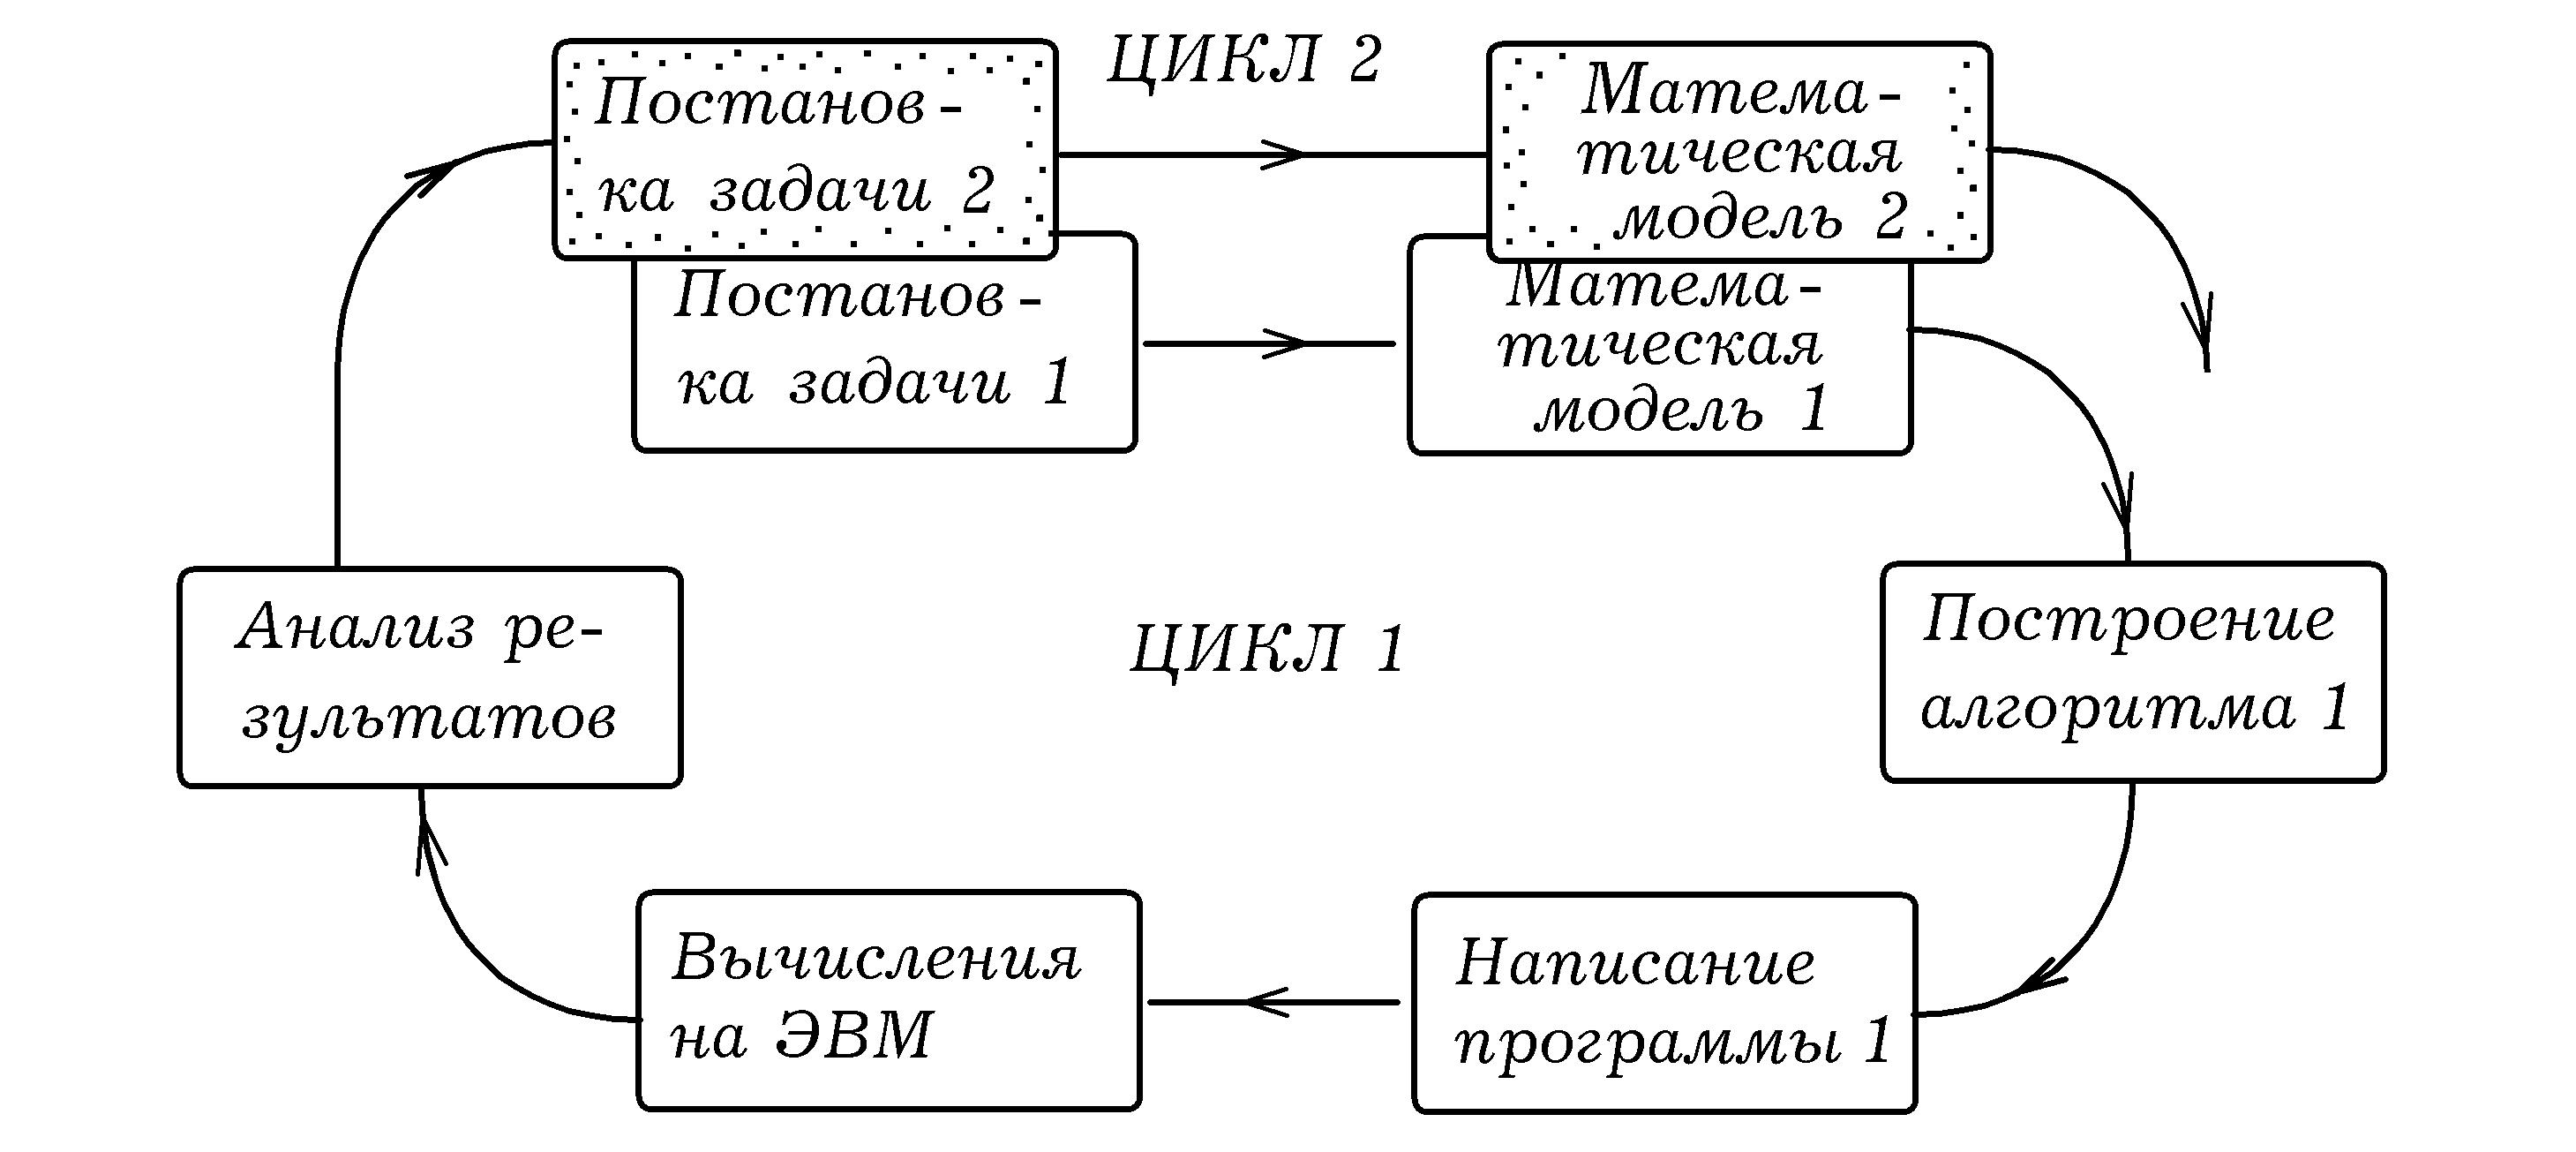 Программа для черчения электрических схем на русском